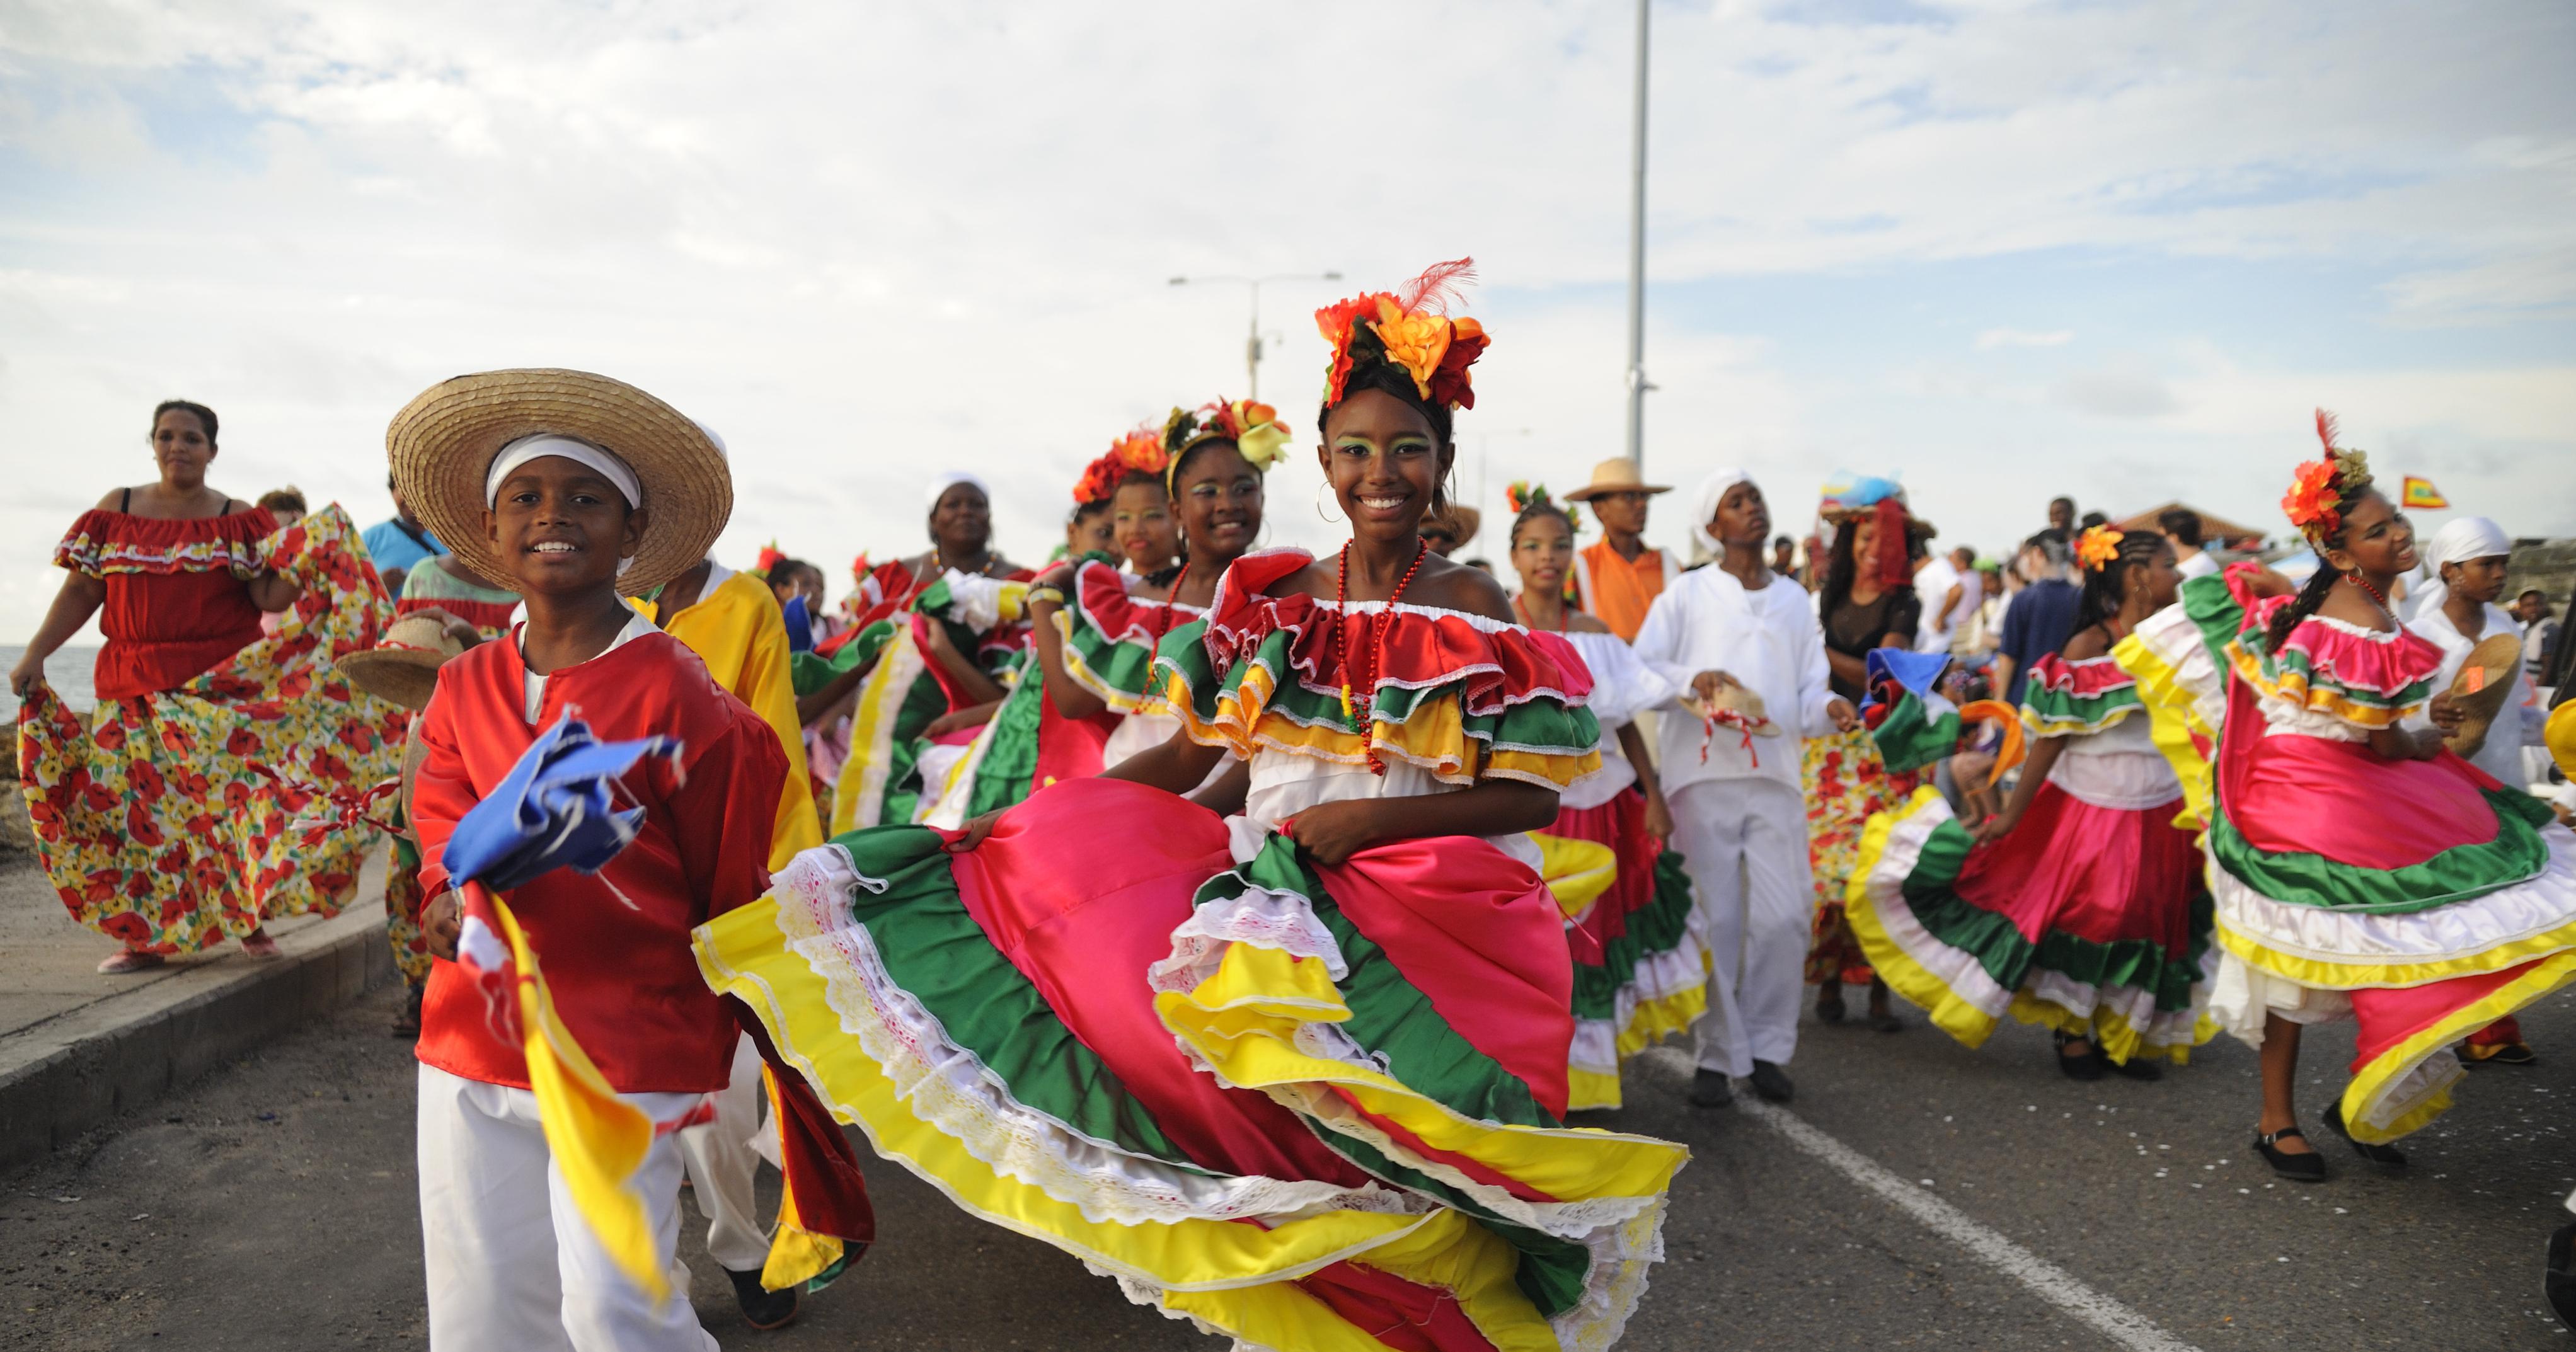 Karneval in Kolumbien: Lebensfreude pur.